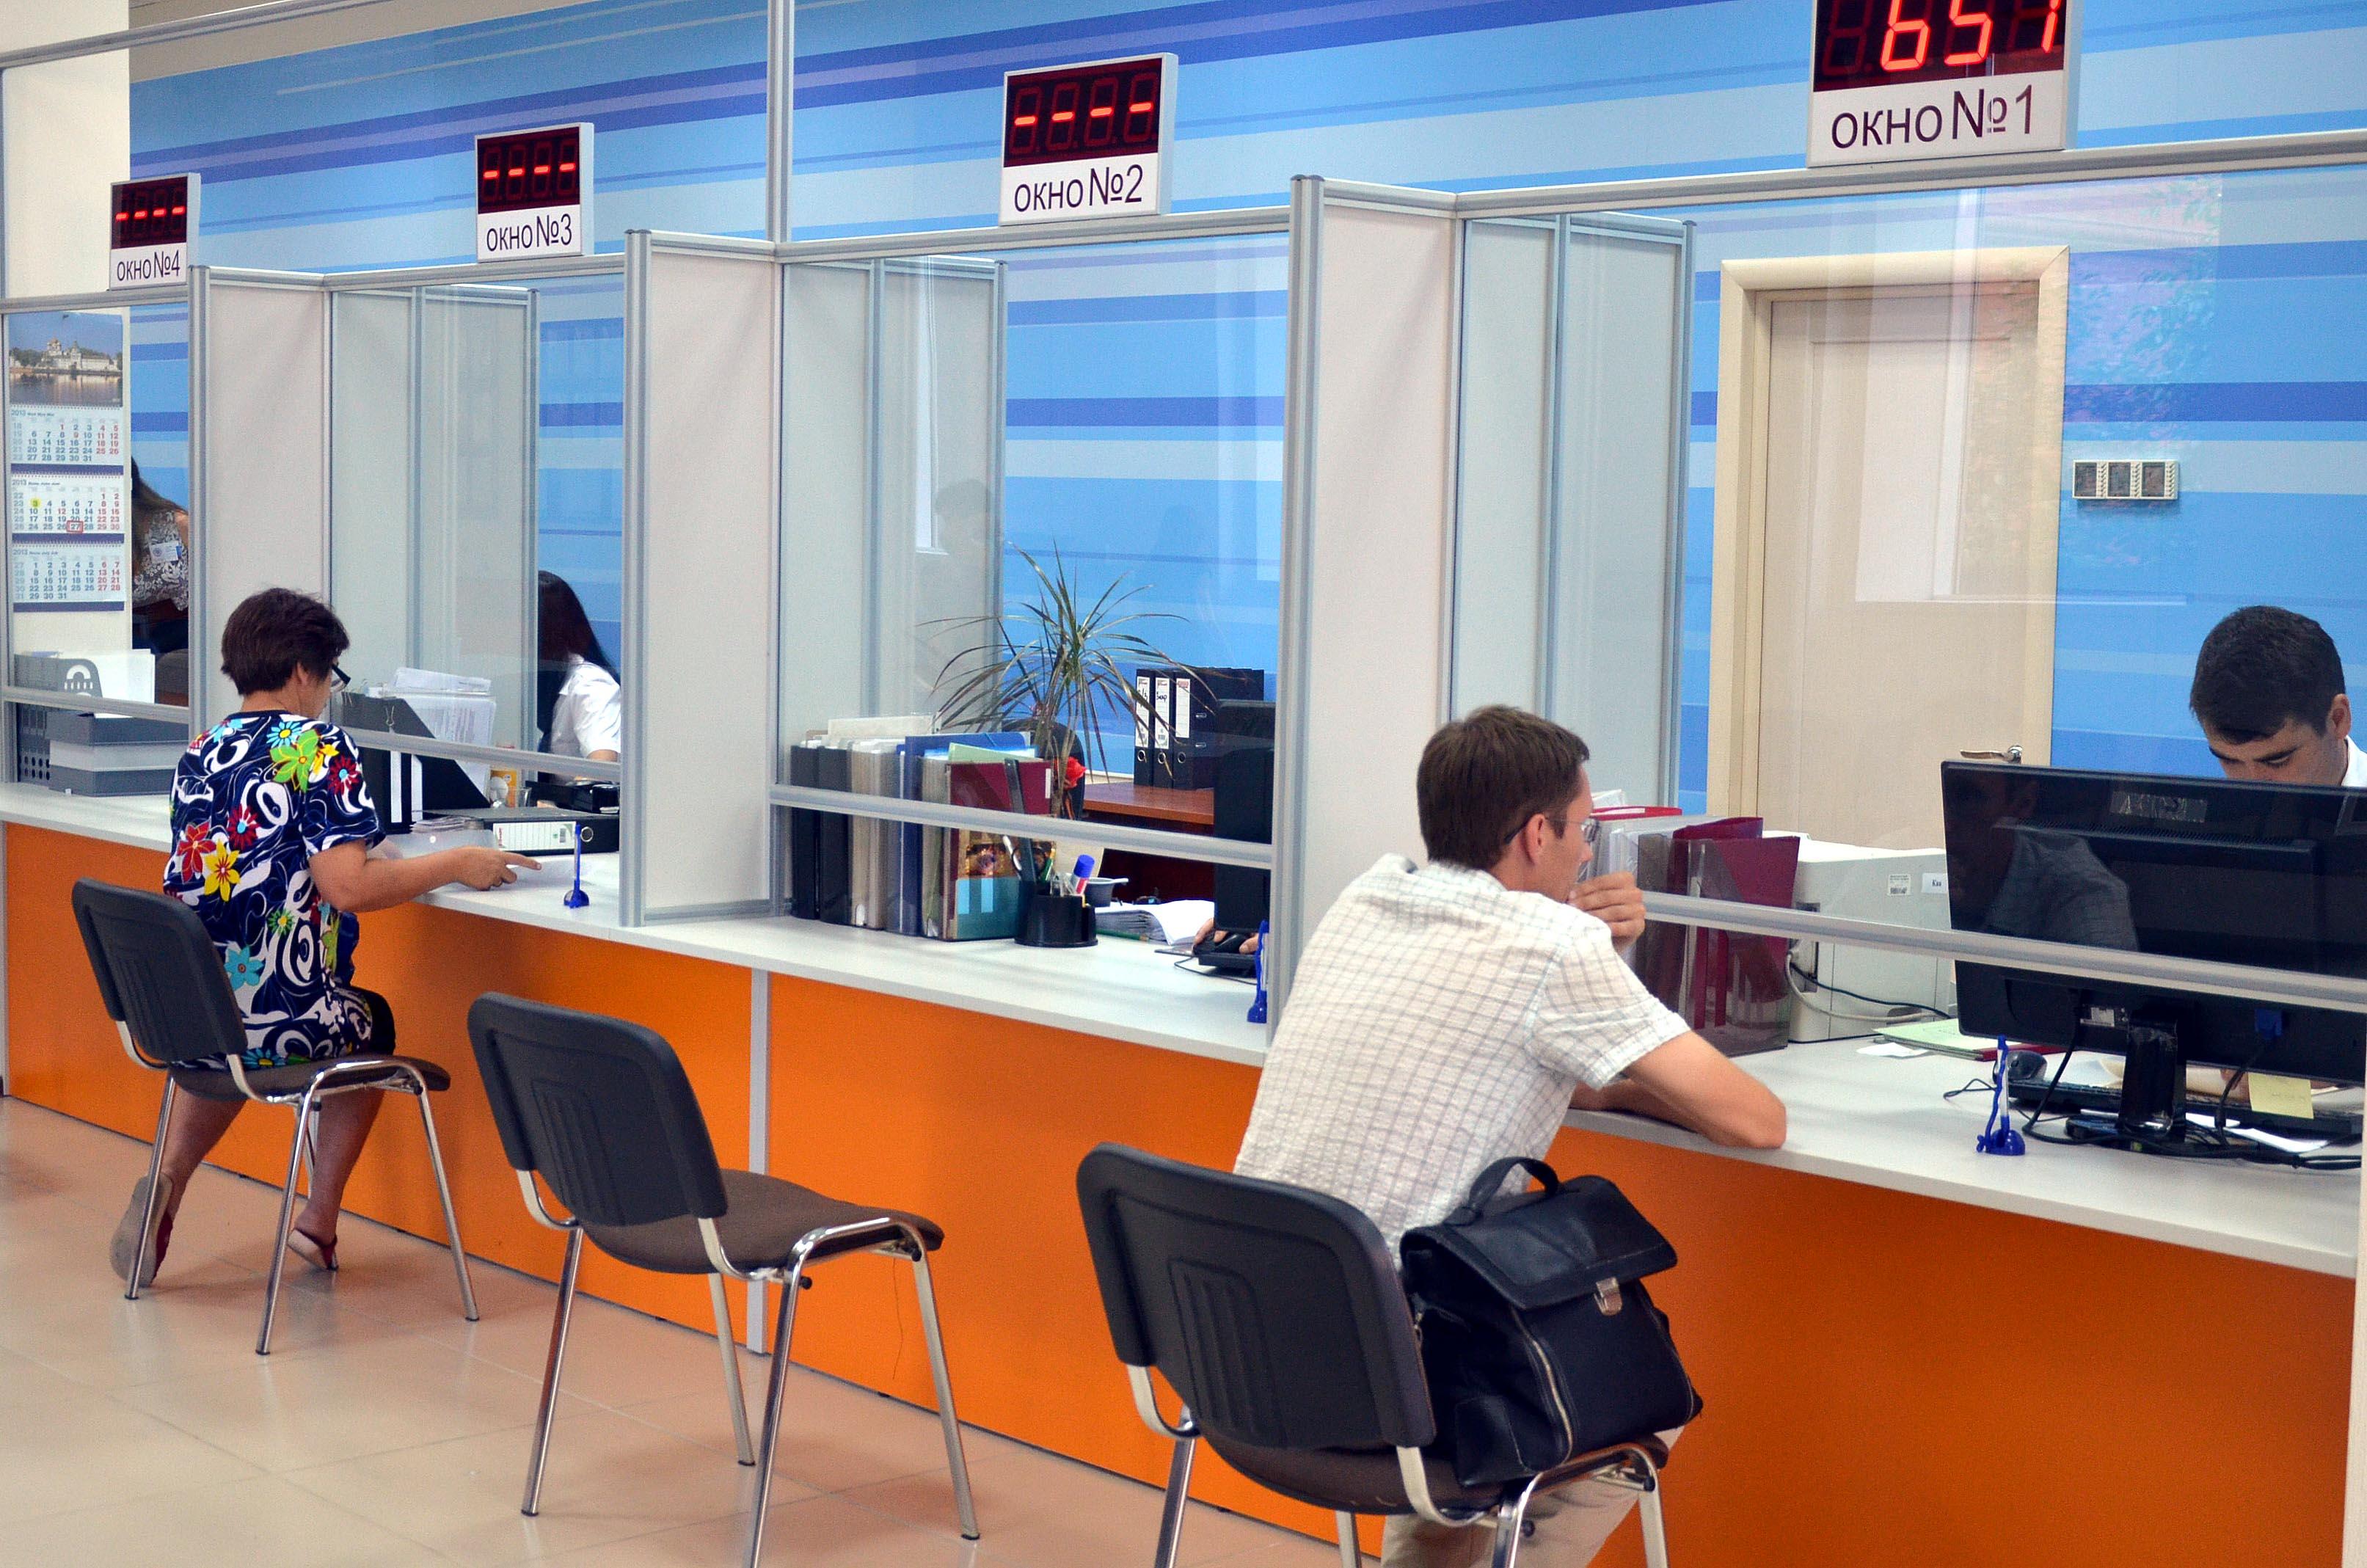 Куда пожаловаться на налоговую инспекцию физическому лицу в Москве и как подать в суд на бездействие налоговой инспекции